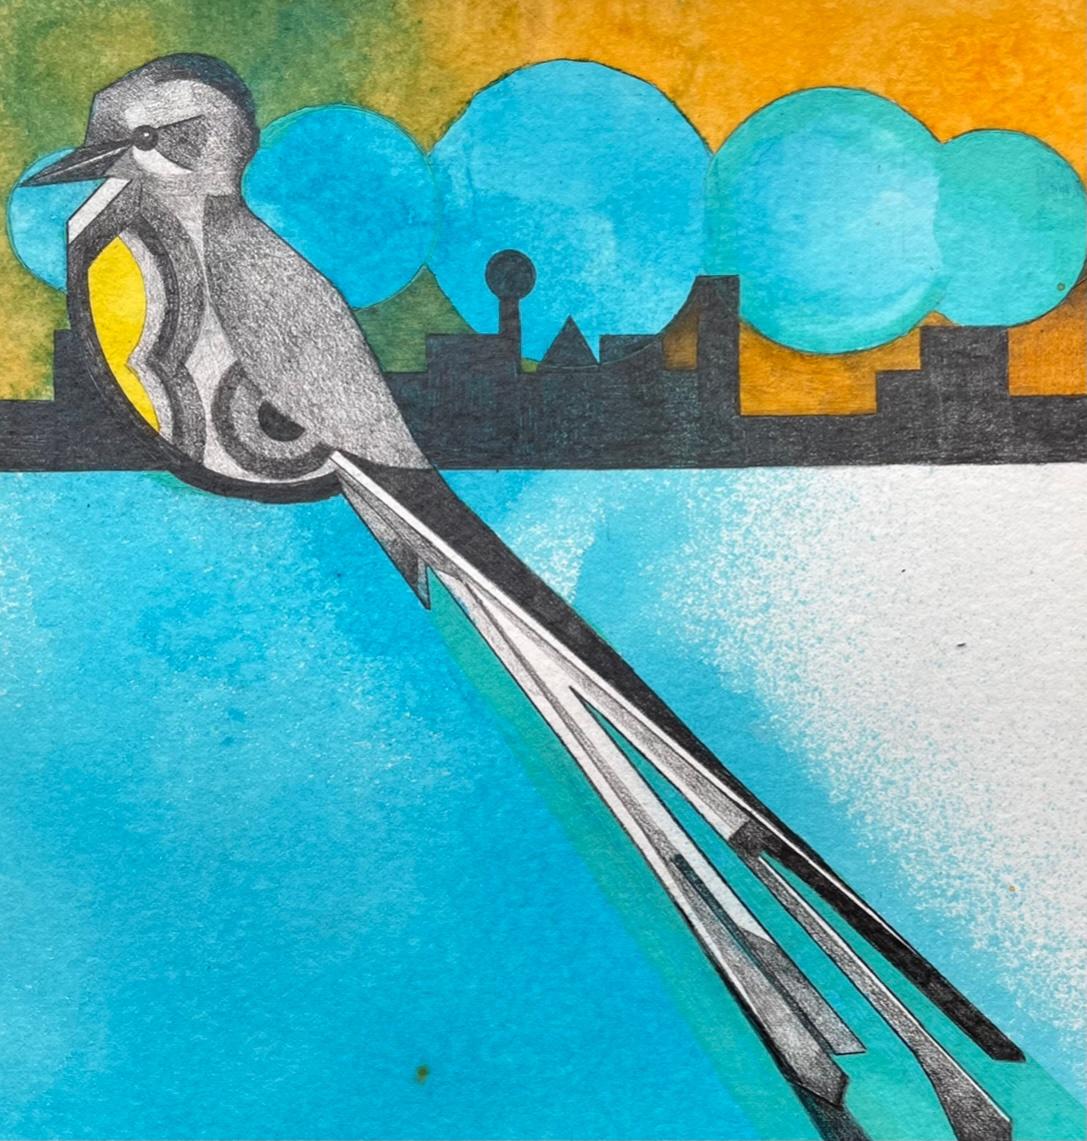 Scissor-tailed Fly Catcher